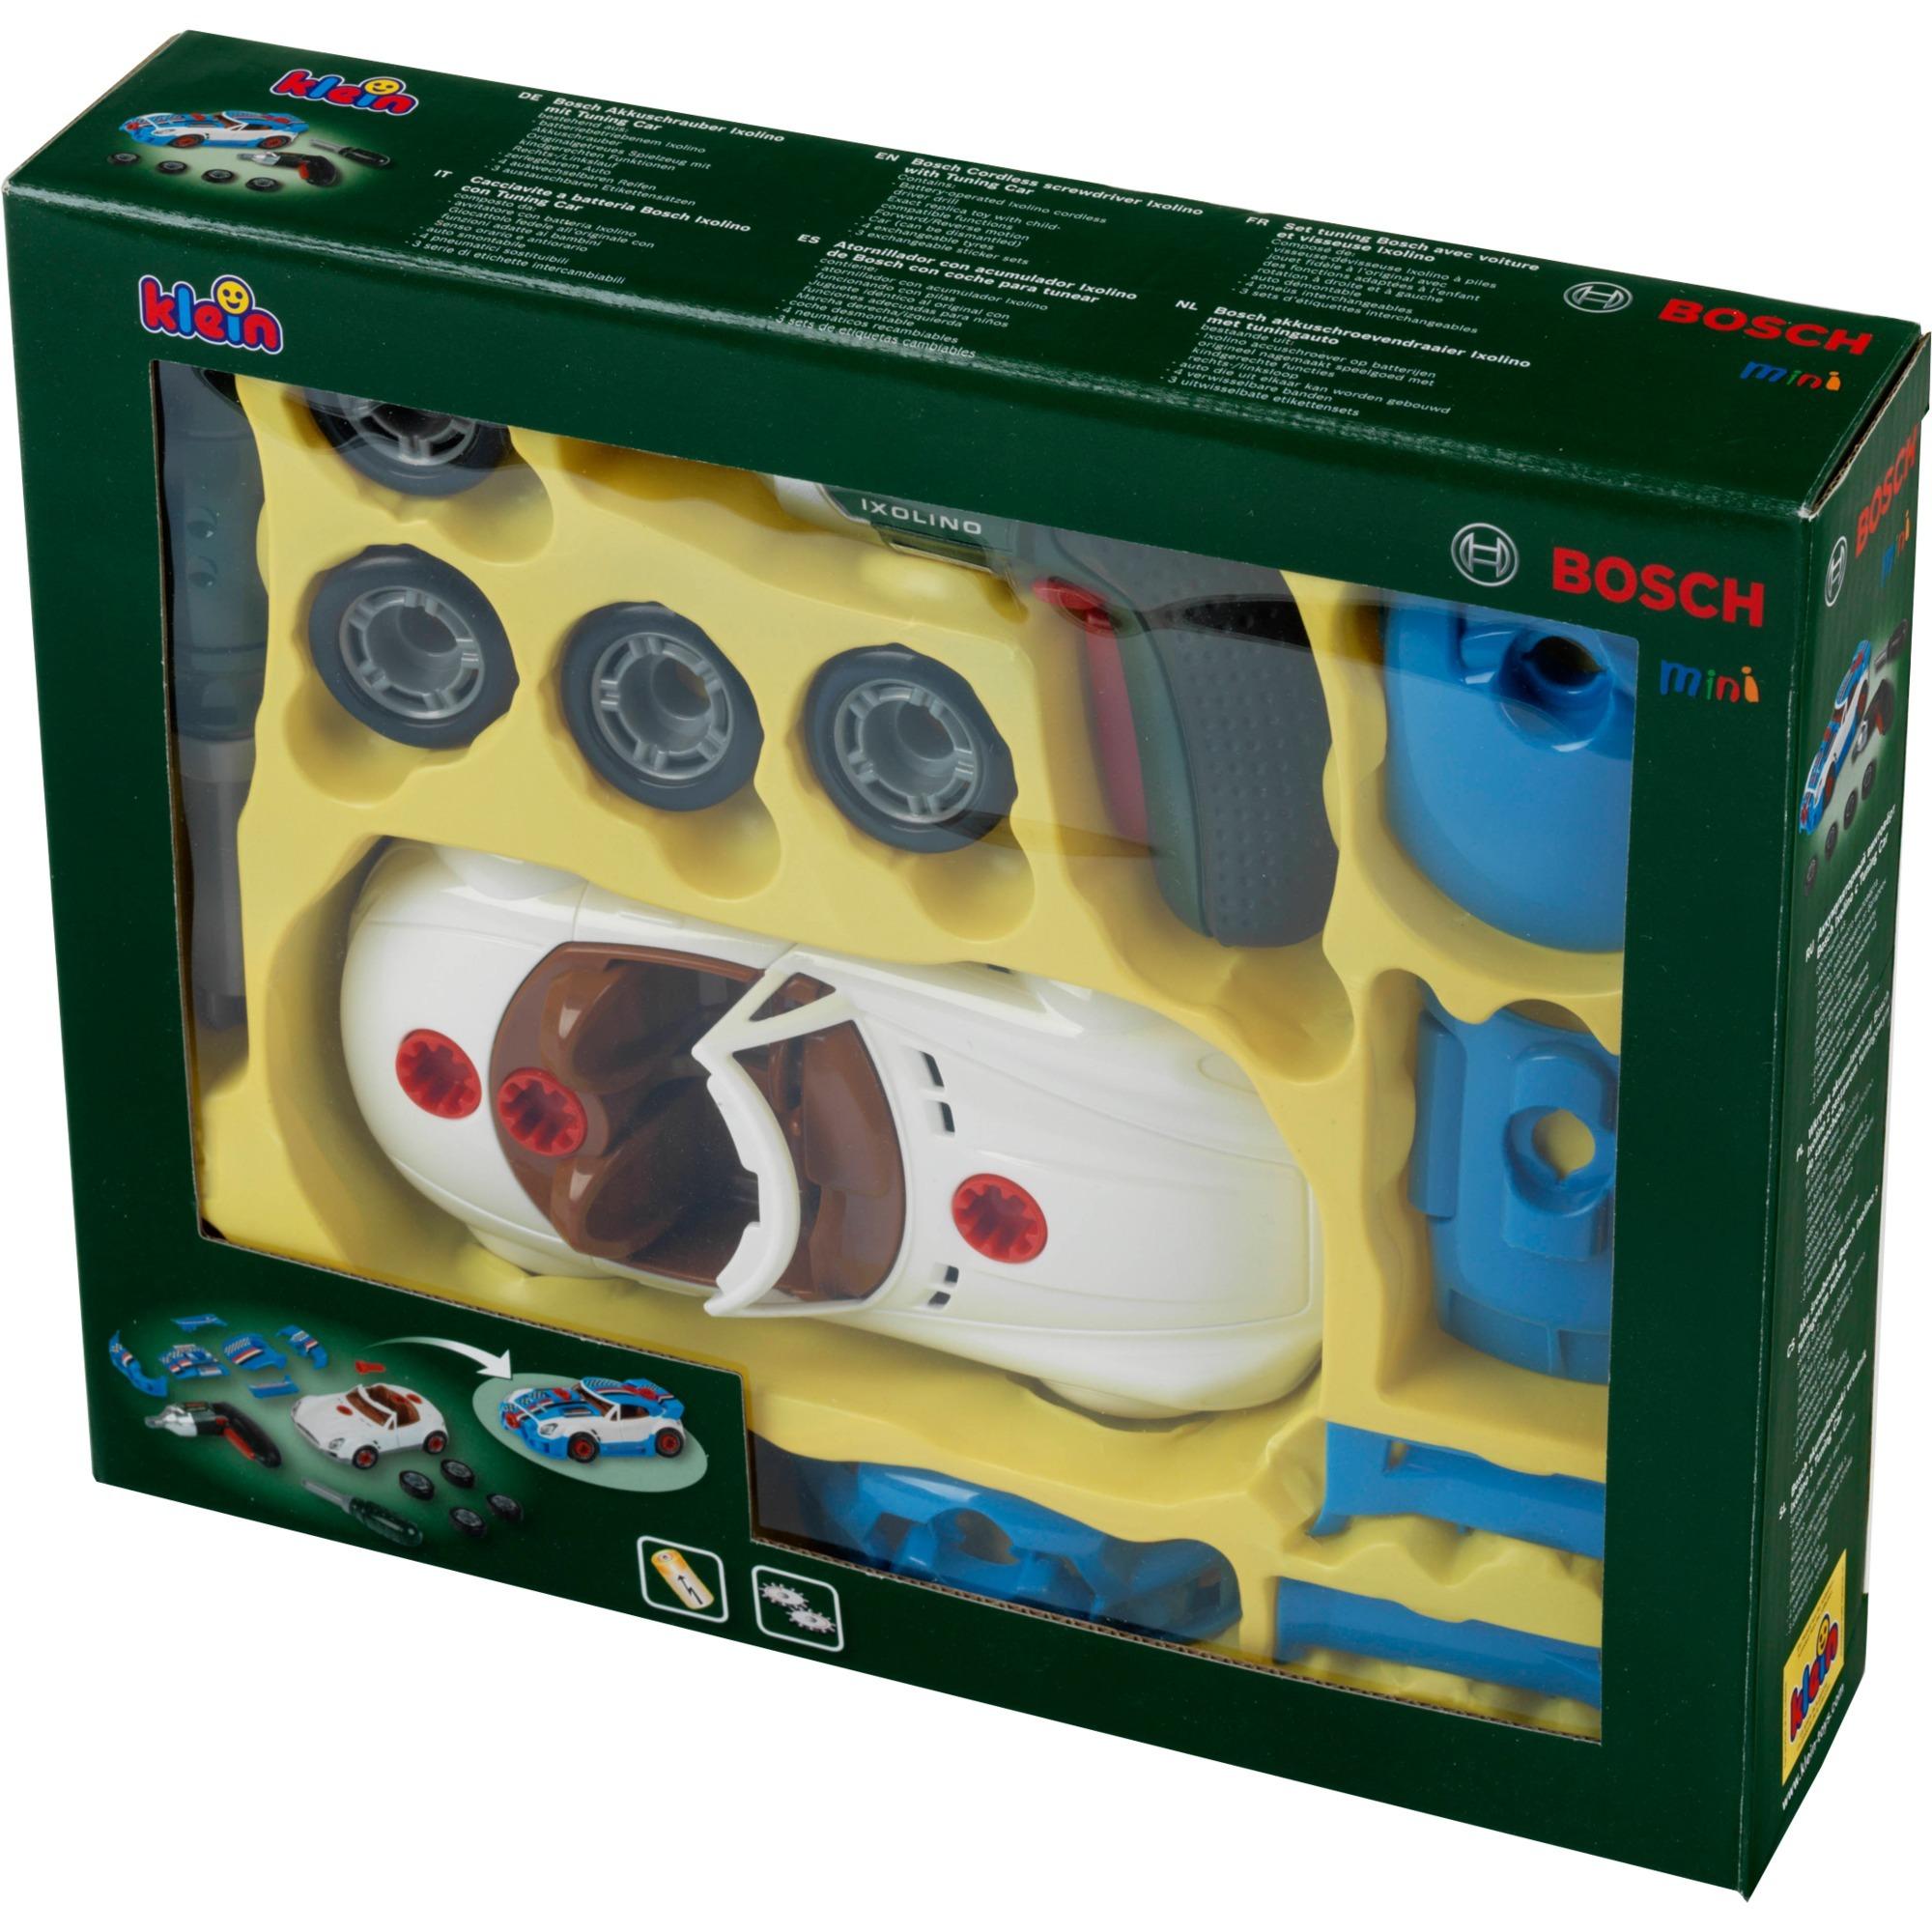 Jeu d'imitation - Set de tuning Bosch avec visseuse Ixolino, Outils pour enfants